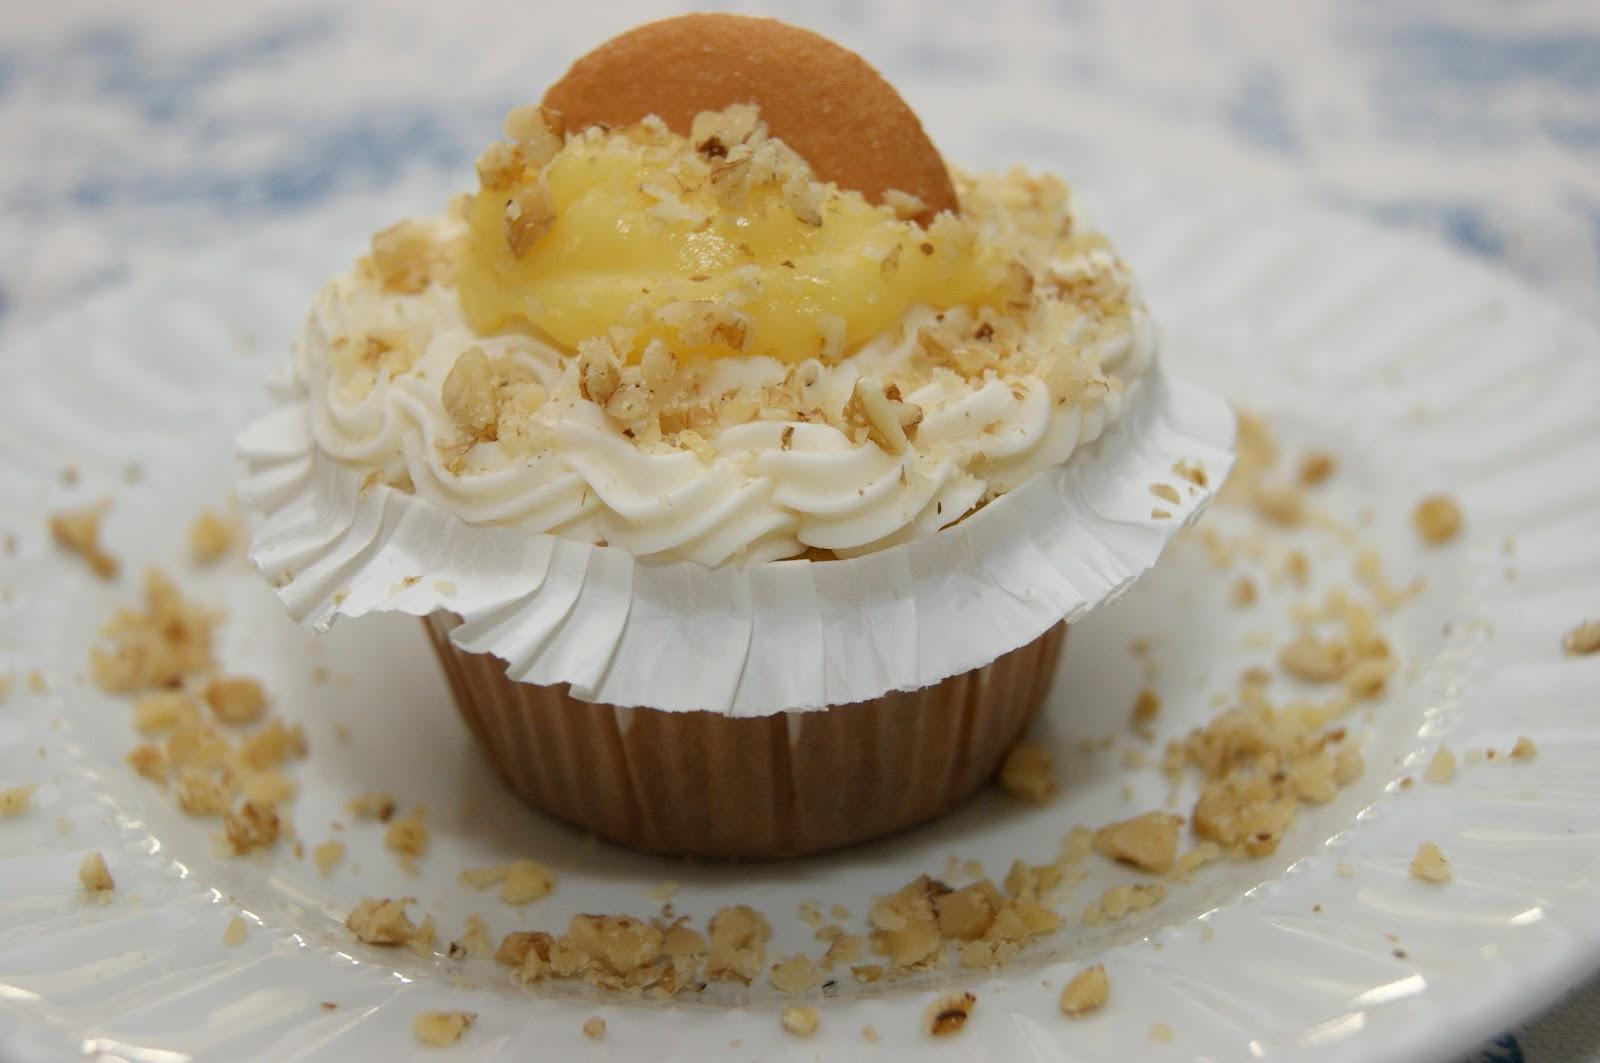 how to make banana cupcakes easy